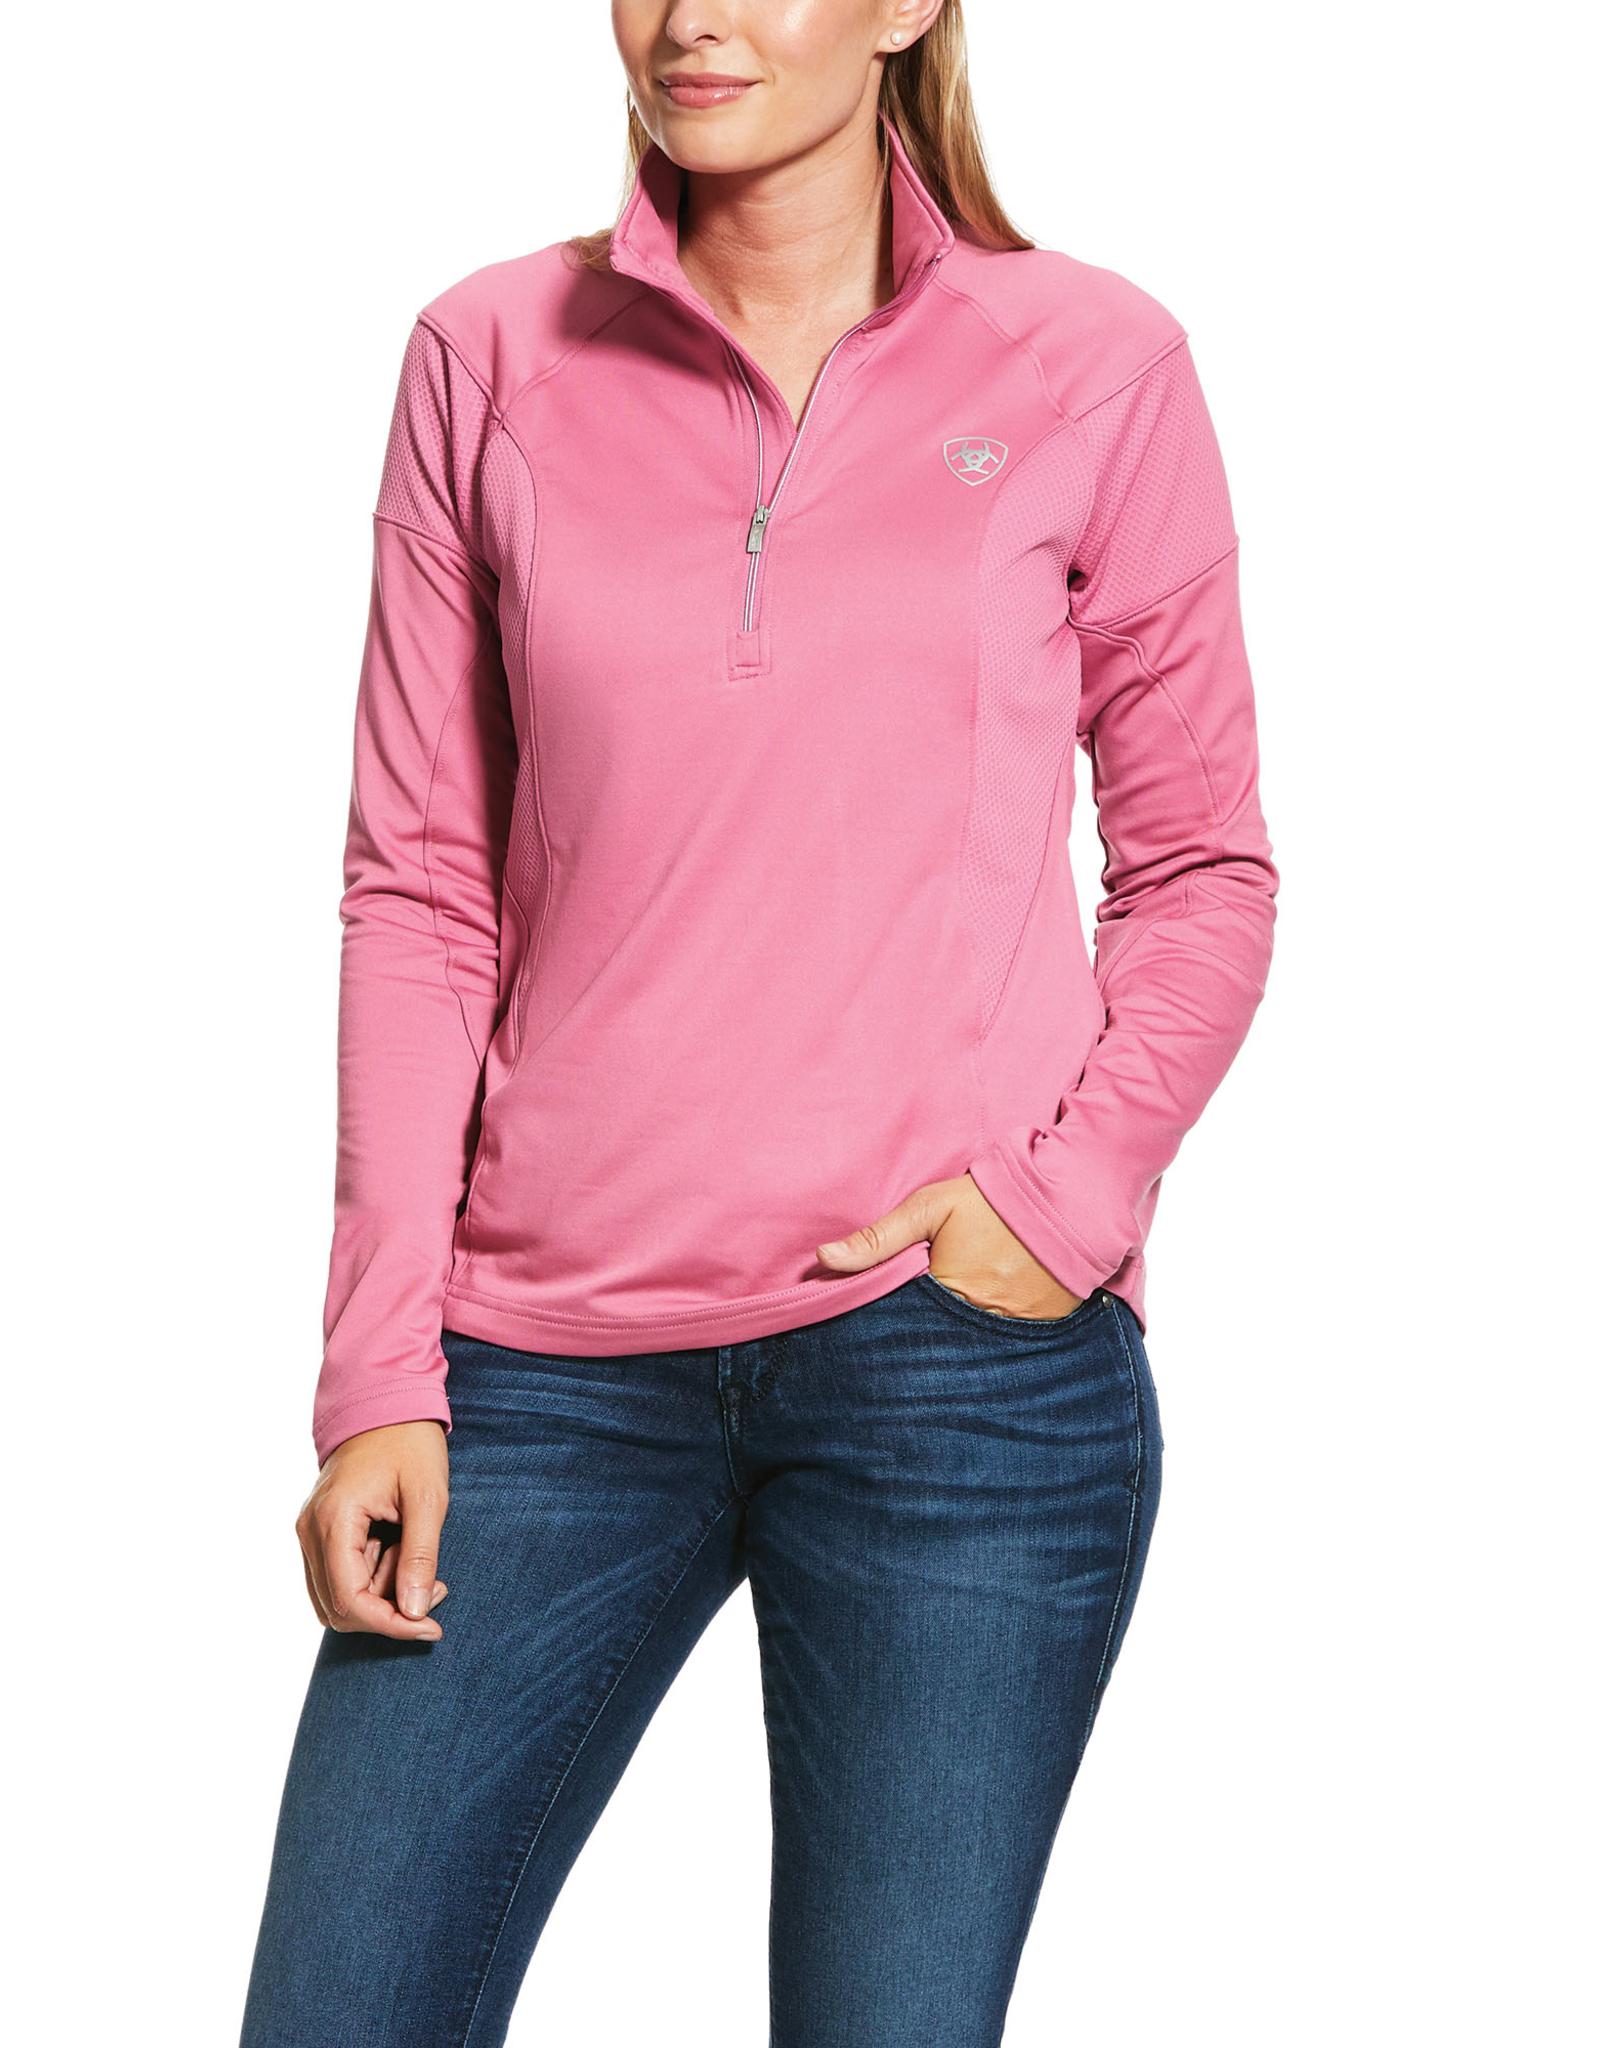 Ariat Ariat Womens Tolt Half Zip Heather Pink Sweatshirt